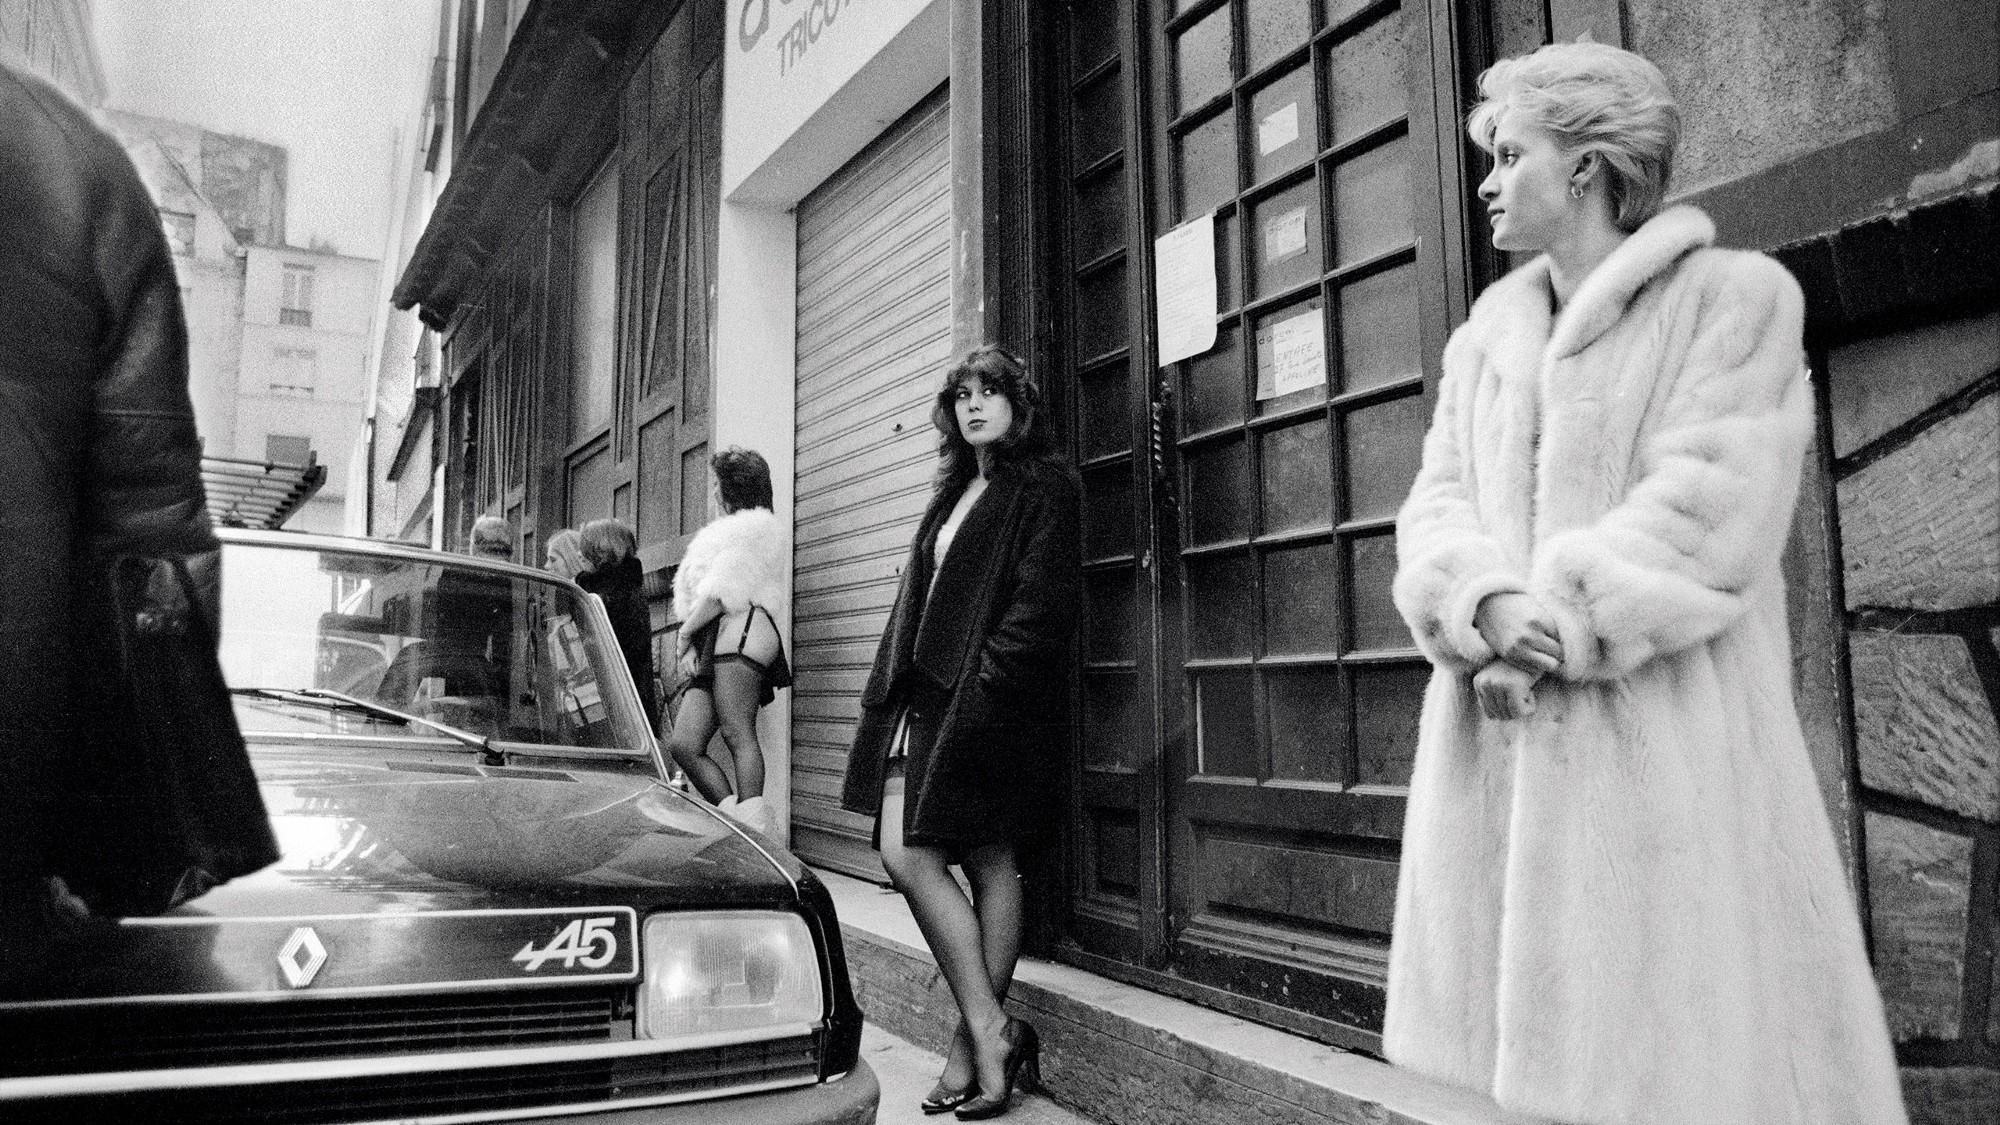 Parisian street walkers